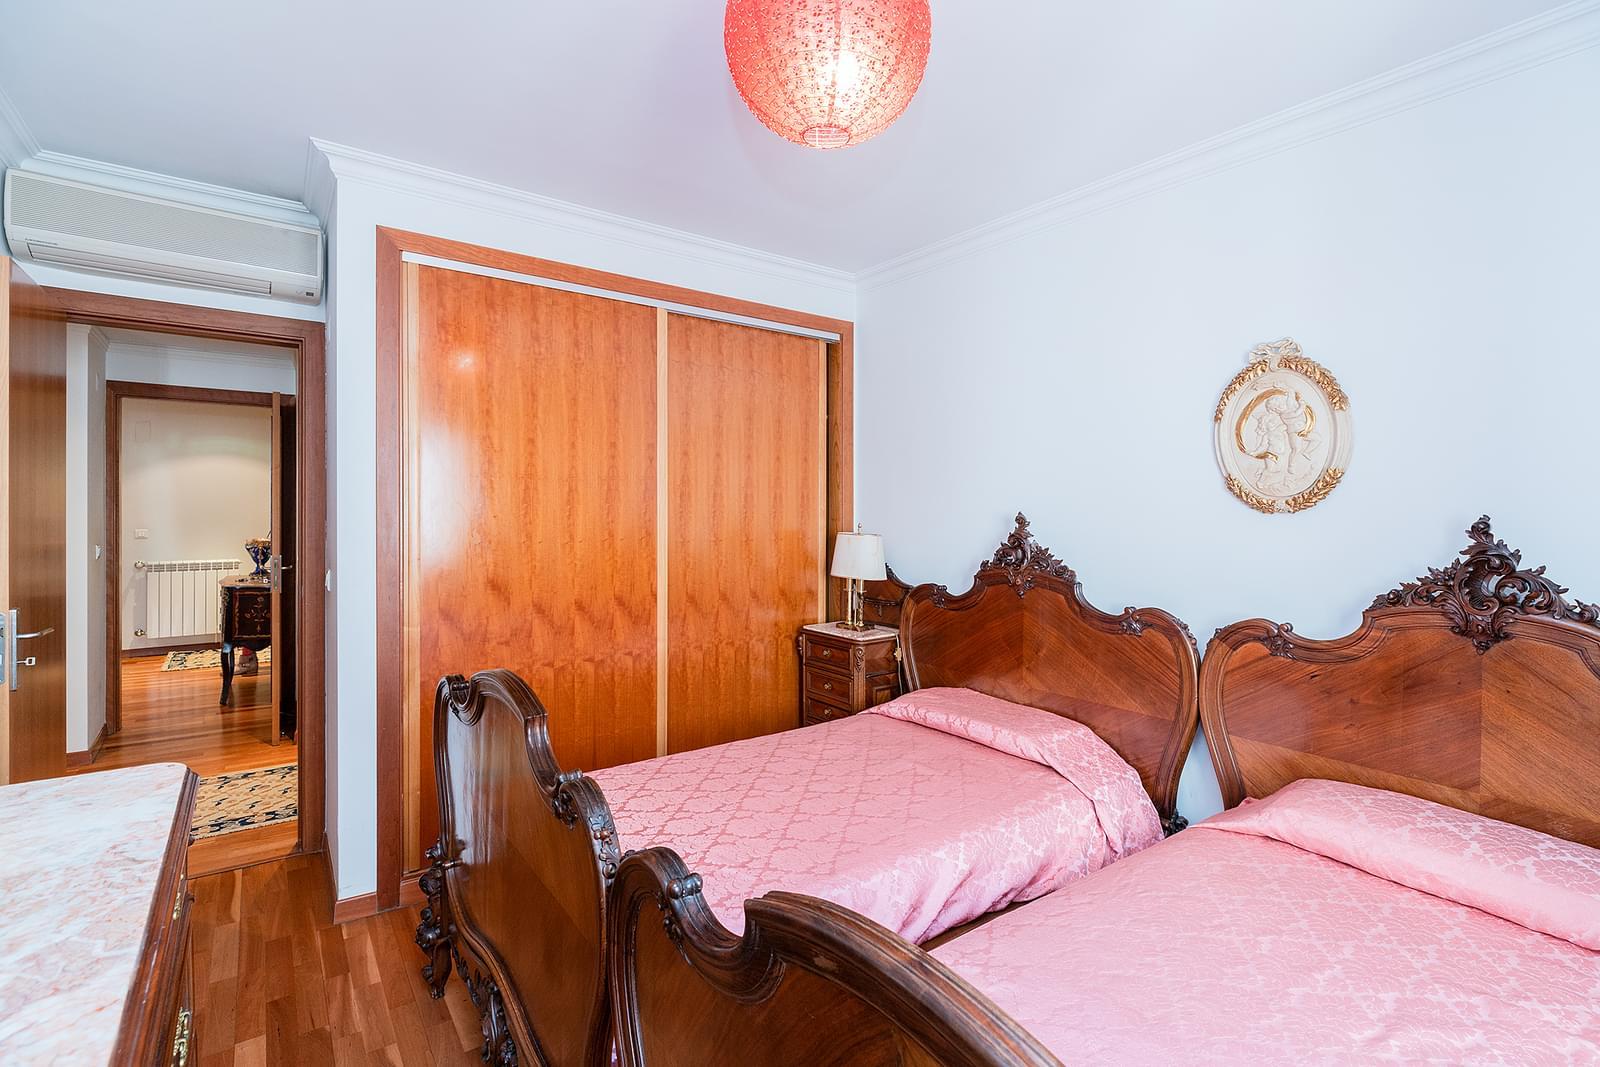 pf18049-apartamento-t3-lisboa-17dd1e92-231b-482d-8ad5-e8cd96d087b2